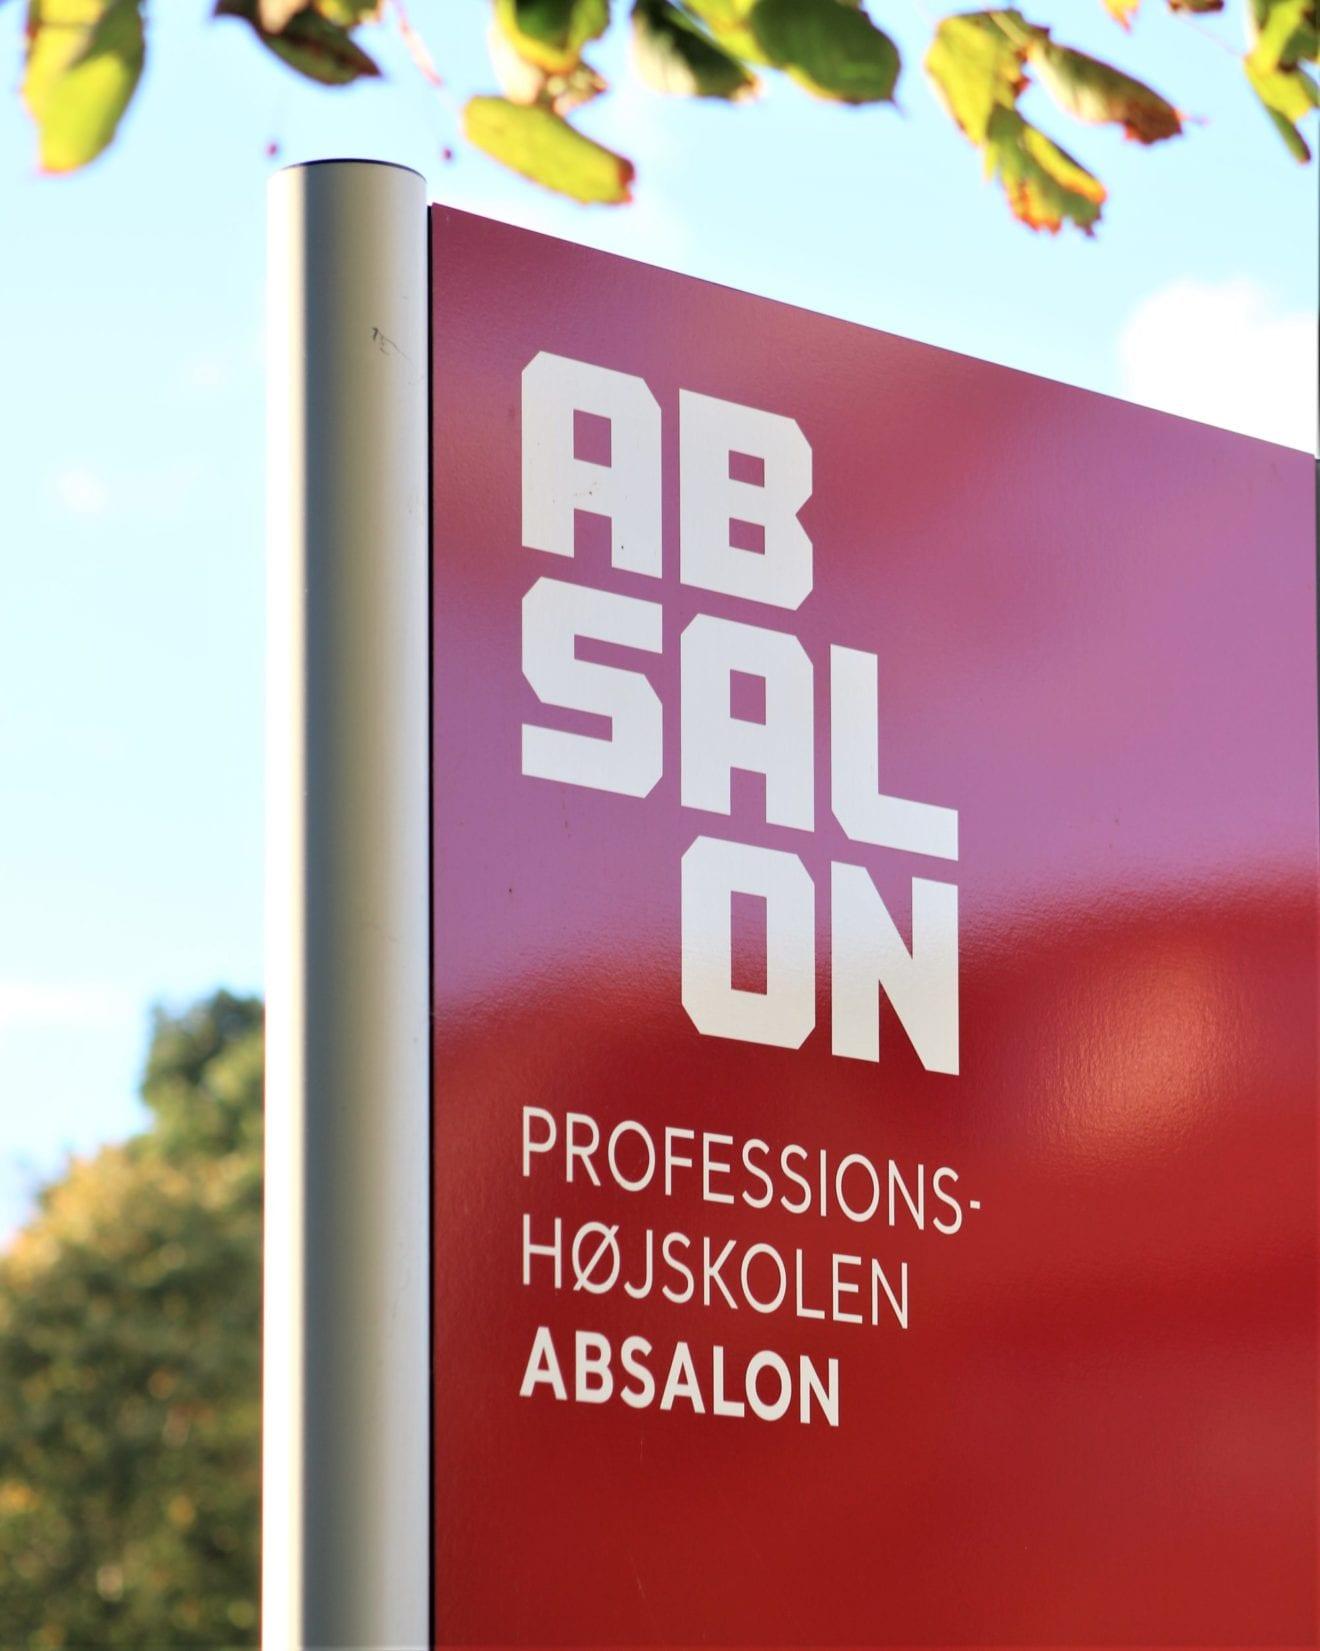 Åbent Hus hos Absalon